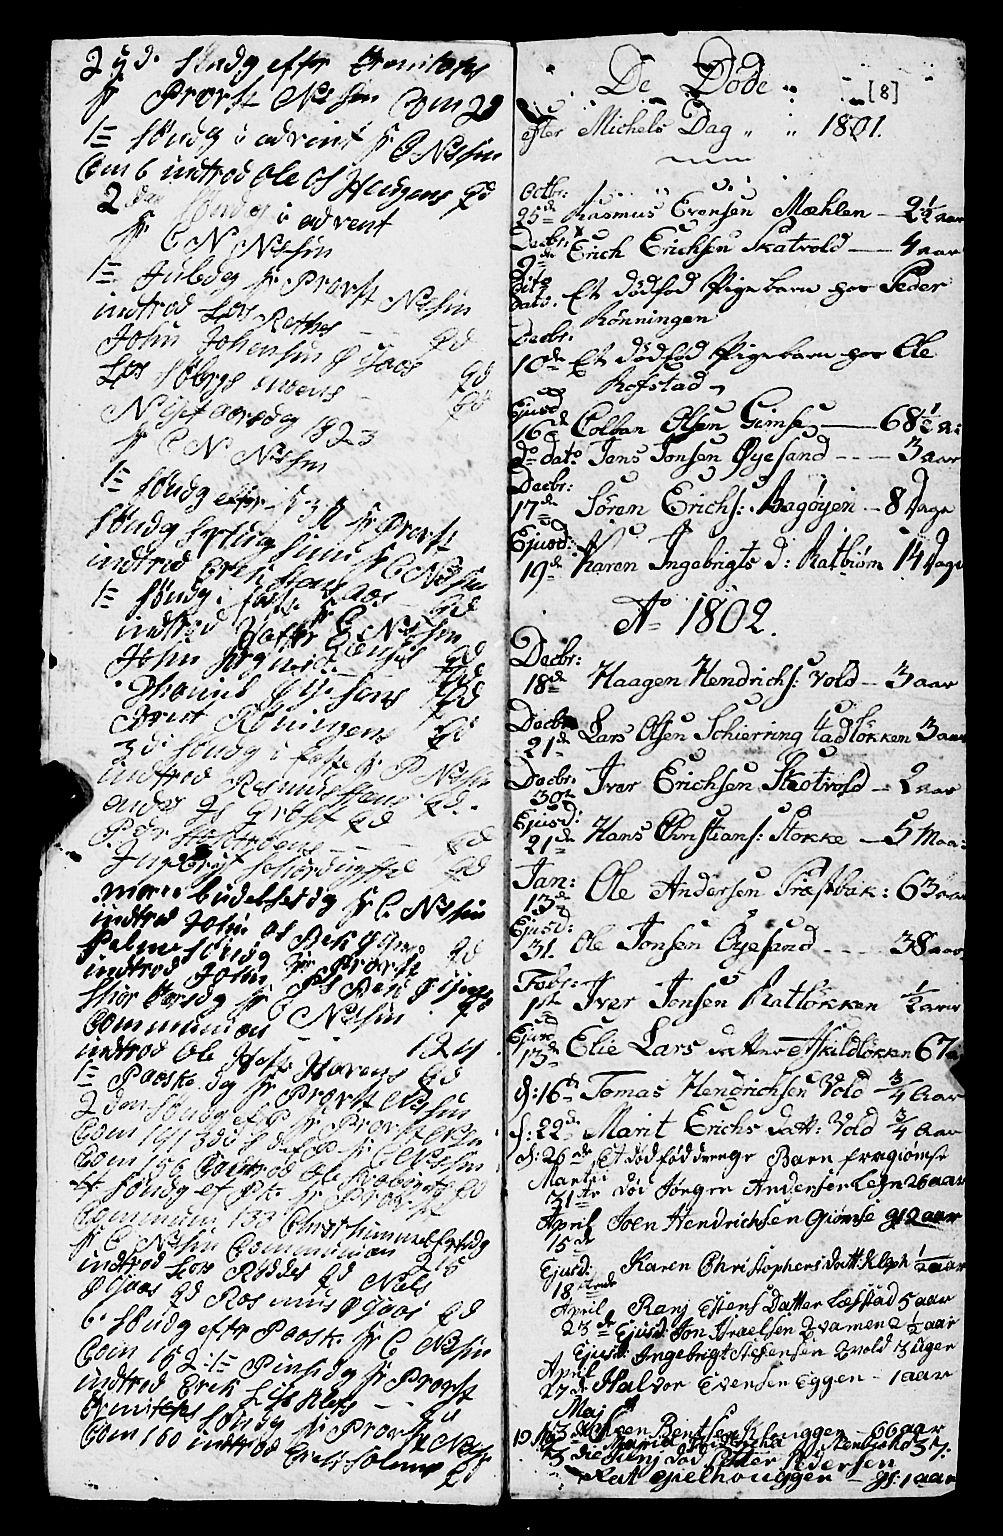 SAT, Ministerialprotokoller, klokkerbøker og fødselsregistre - Sør-Trøndelag, 691/L1091: Klokkerbok nr. 691C02, 1802-1815, s. 8